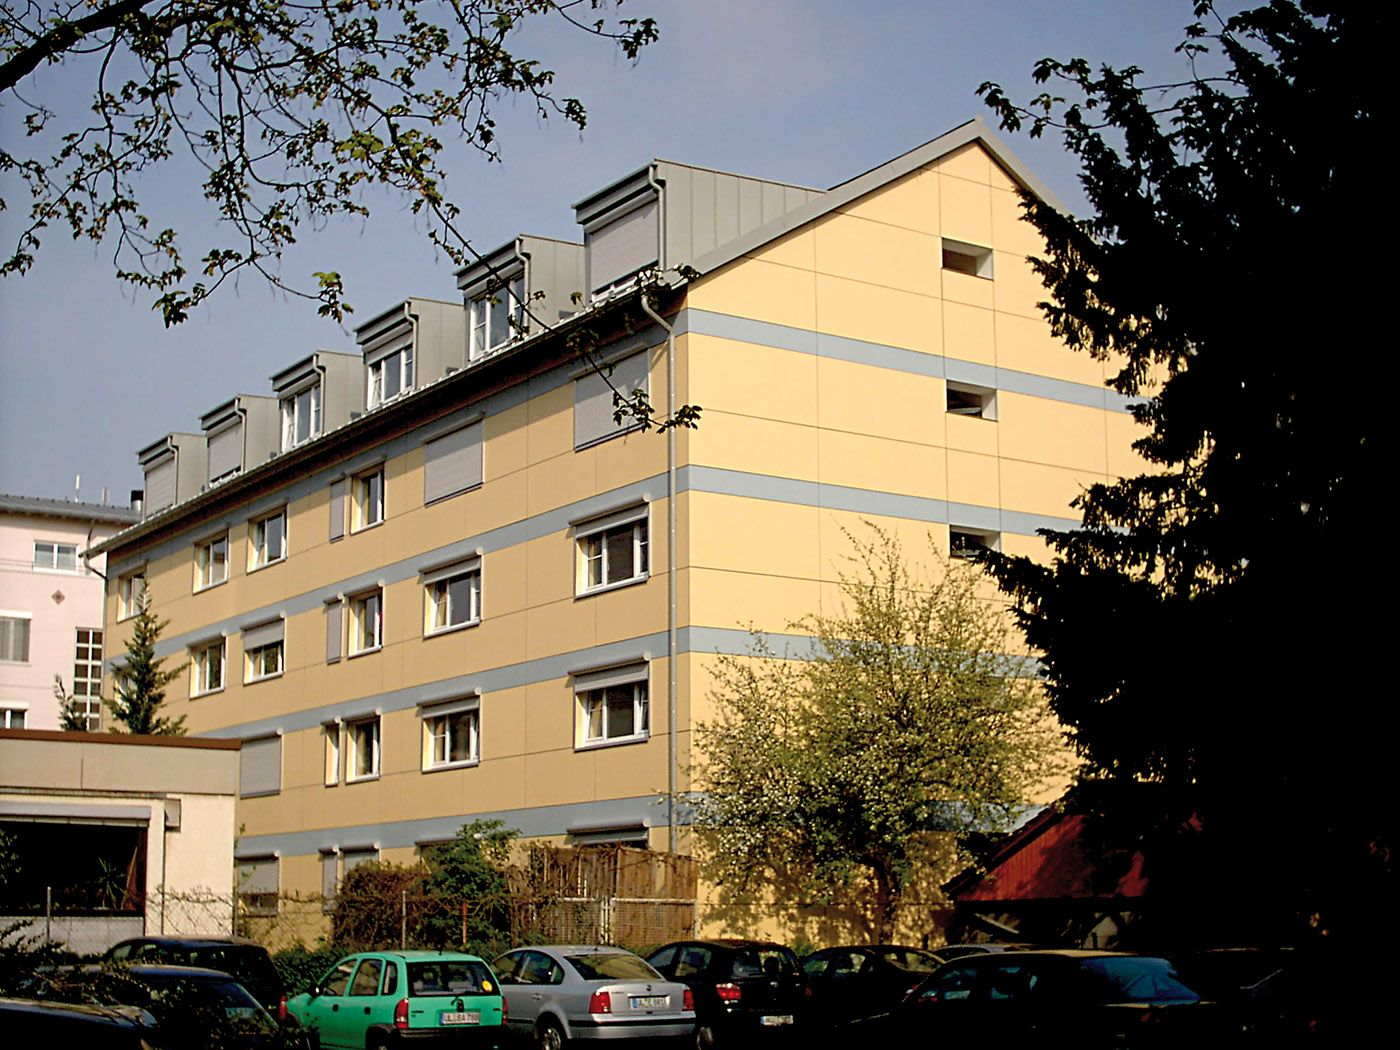 Wohnung Mieten Ulm Wiblingen